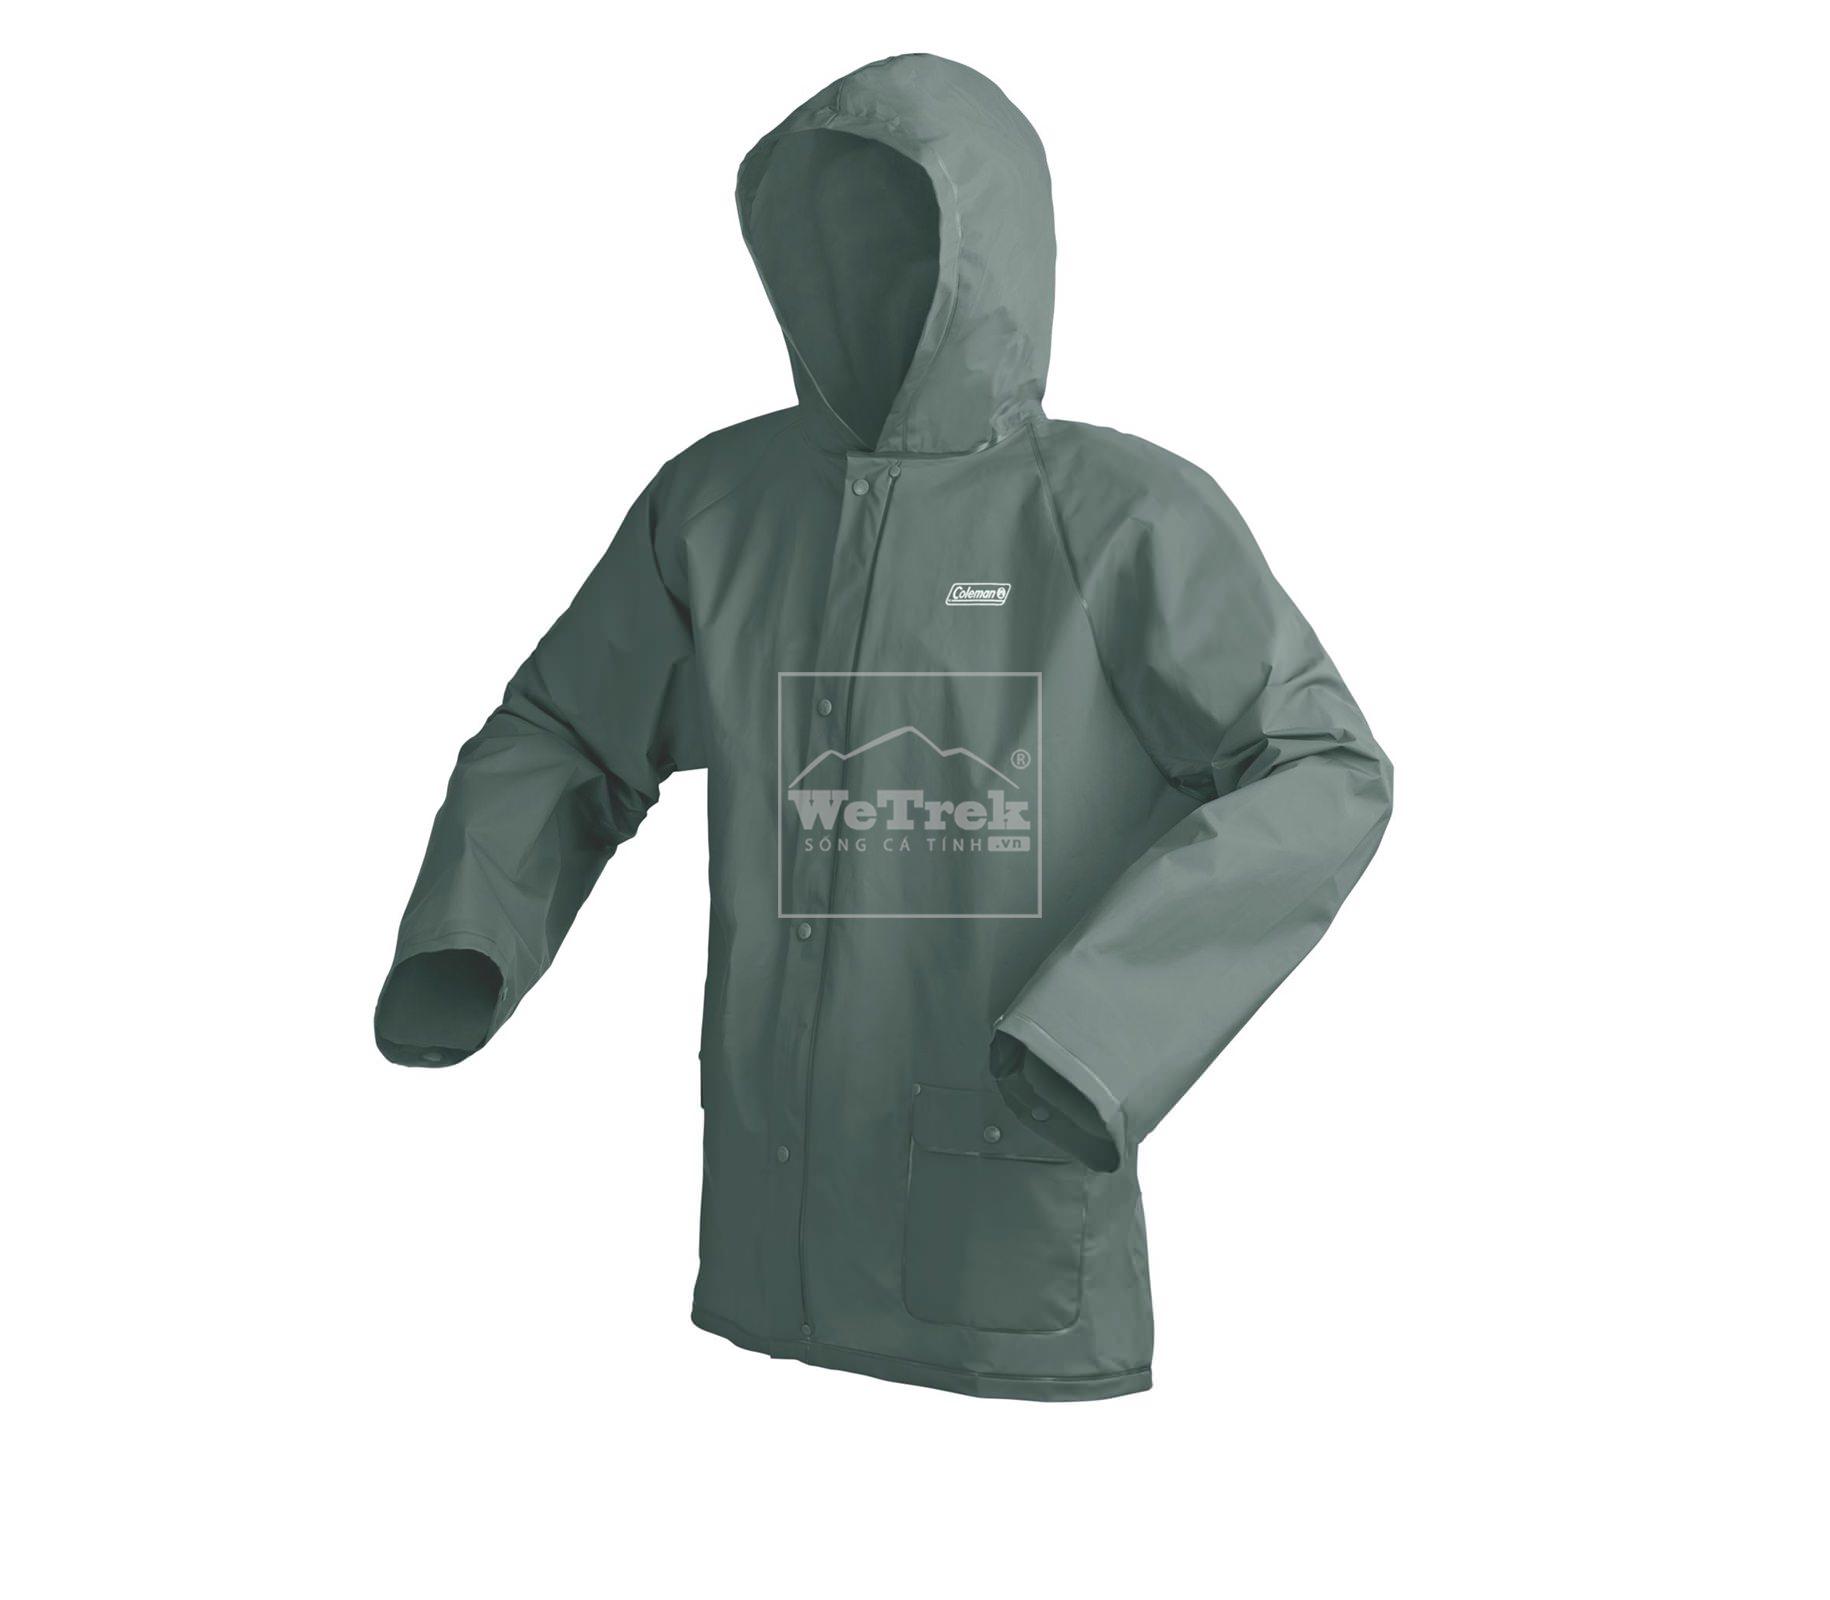 Áo đi mưa PVC Coleman Youth Eva 2000014352 - L/XL - Xanh lá 5949